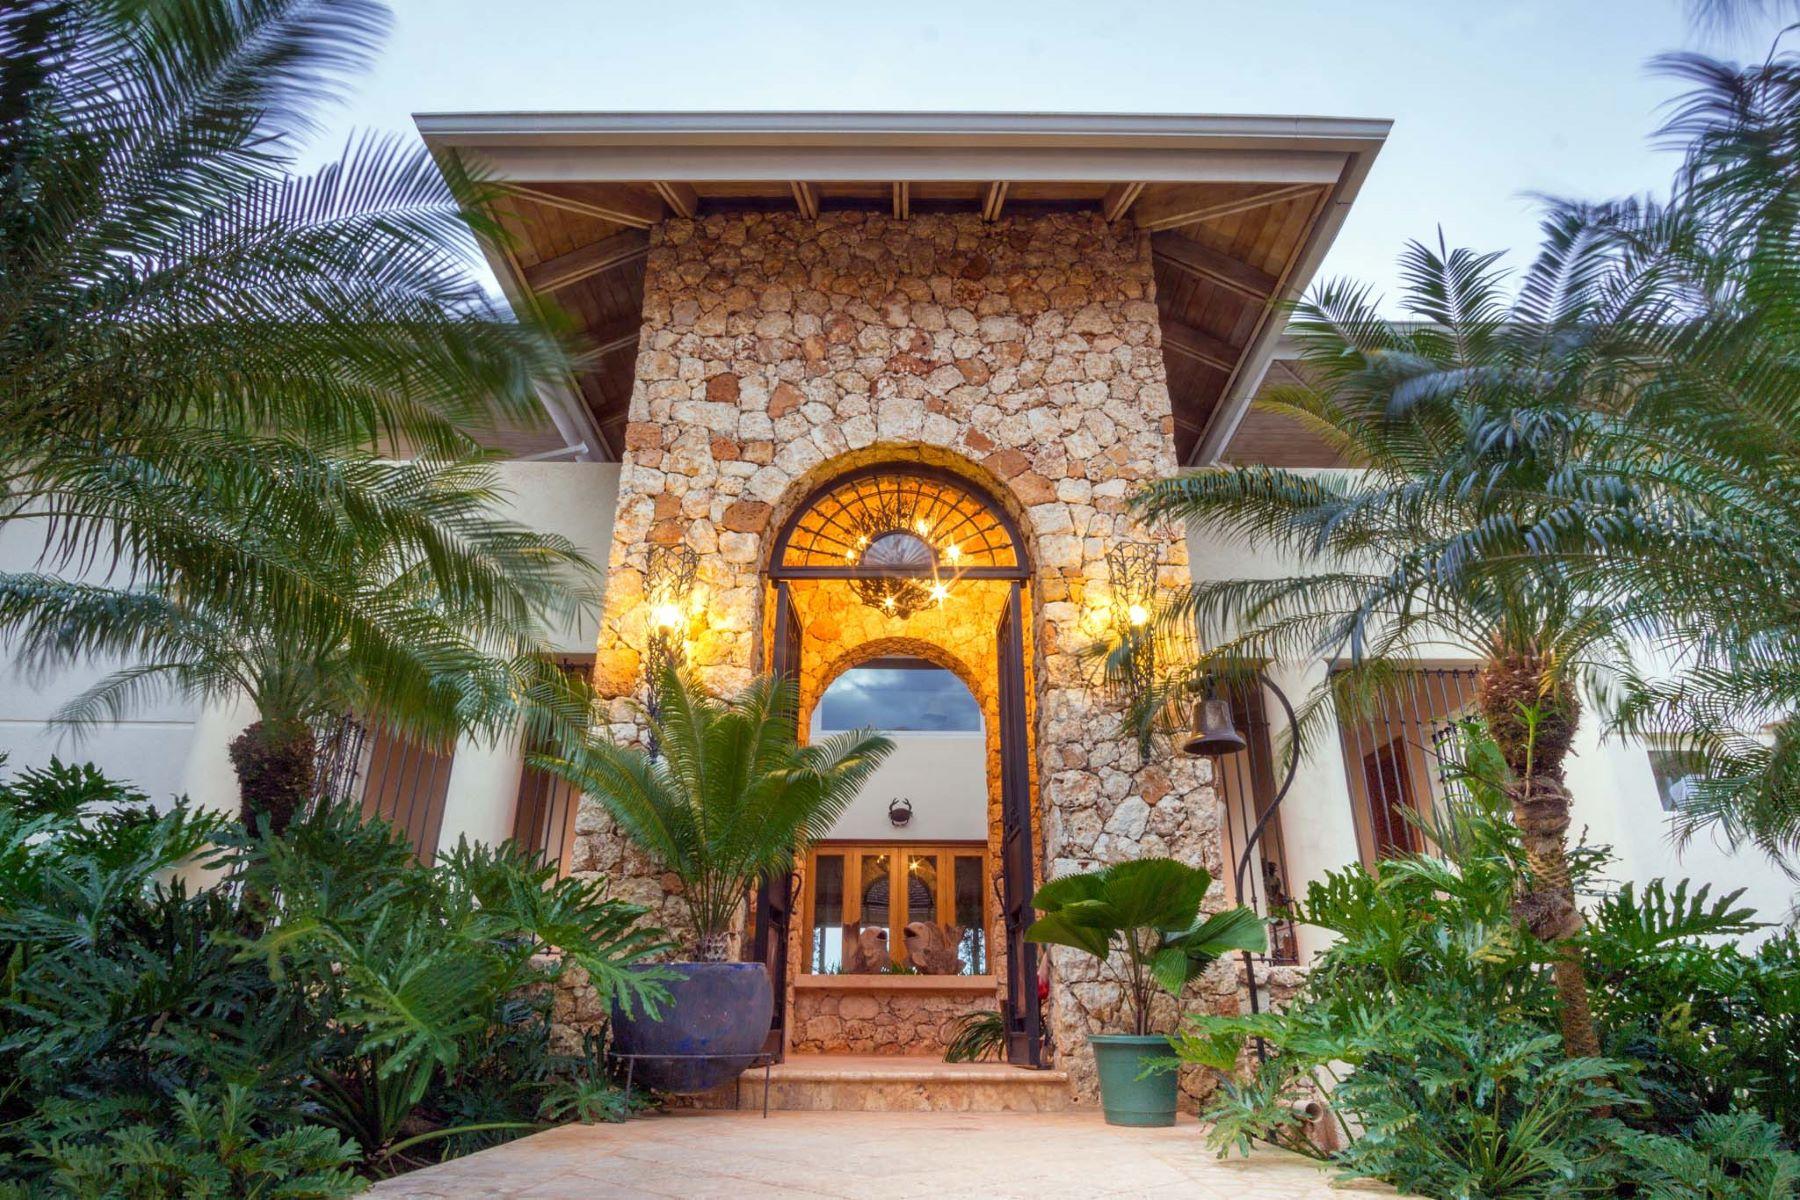 Частный односемейный дом для того Продажа на Classical Caribbean Architecture with Tropical Aura overlooking the Chavon River Casa De Campo, La Romana, Доминиканская Республика